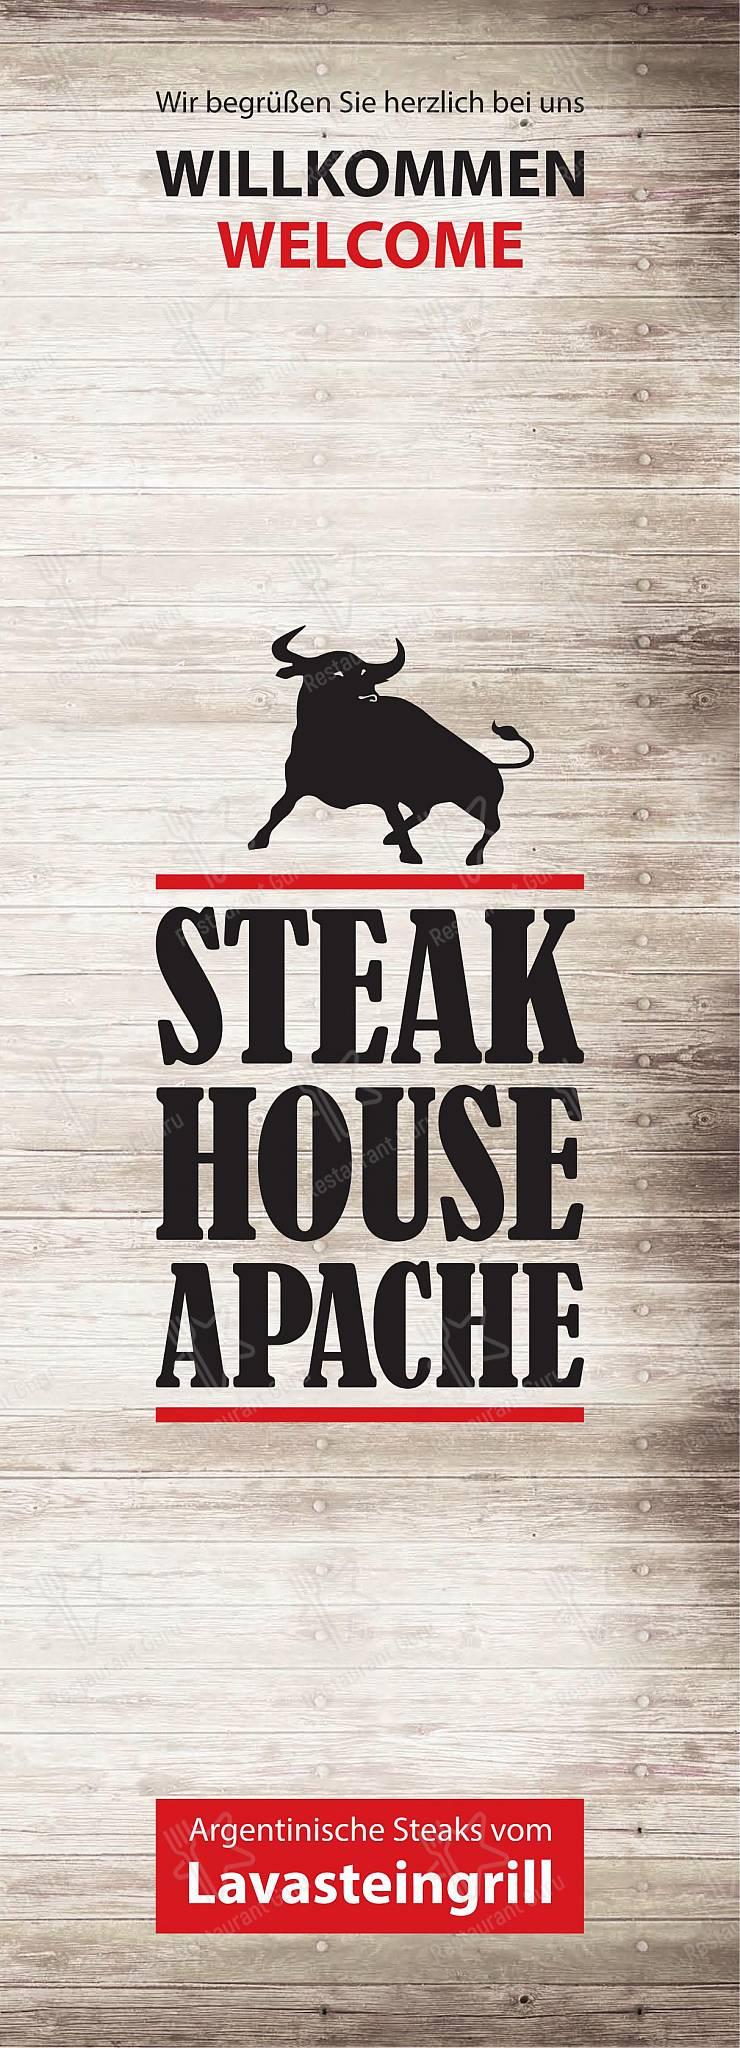 Seht euch die Speisekarte von Steakhouse Apache an